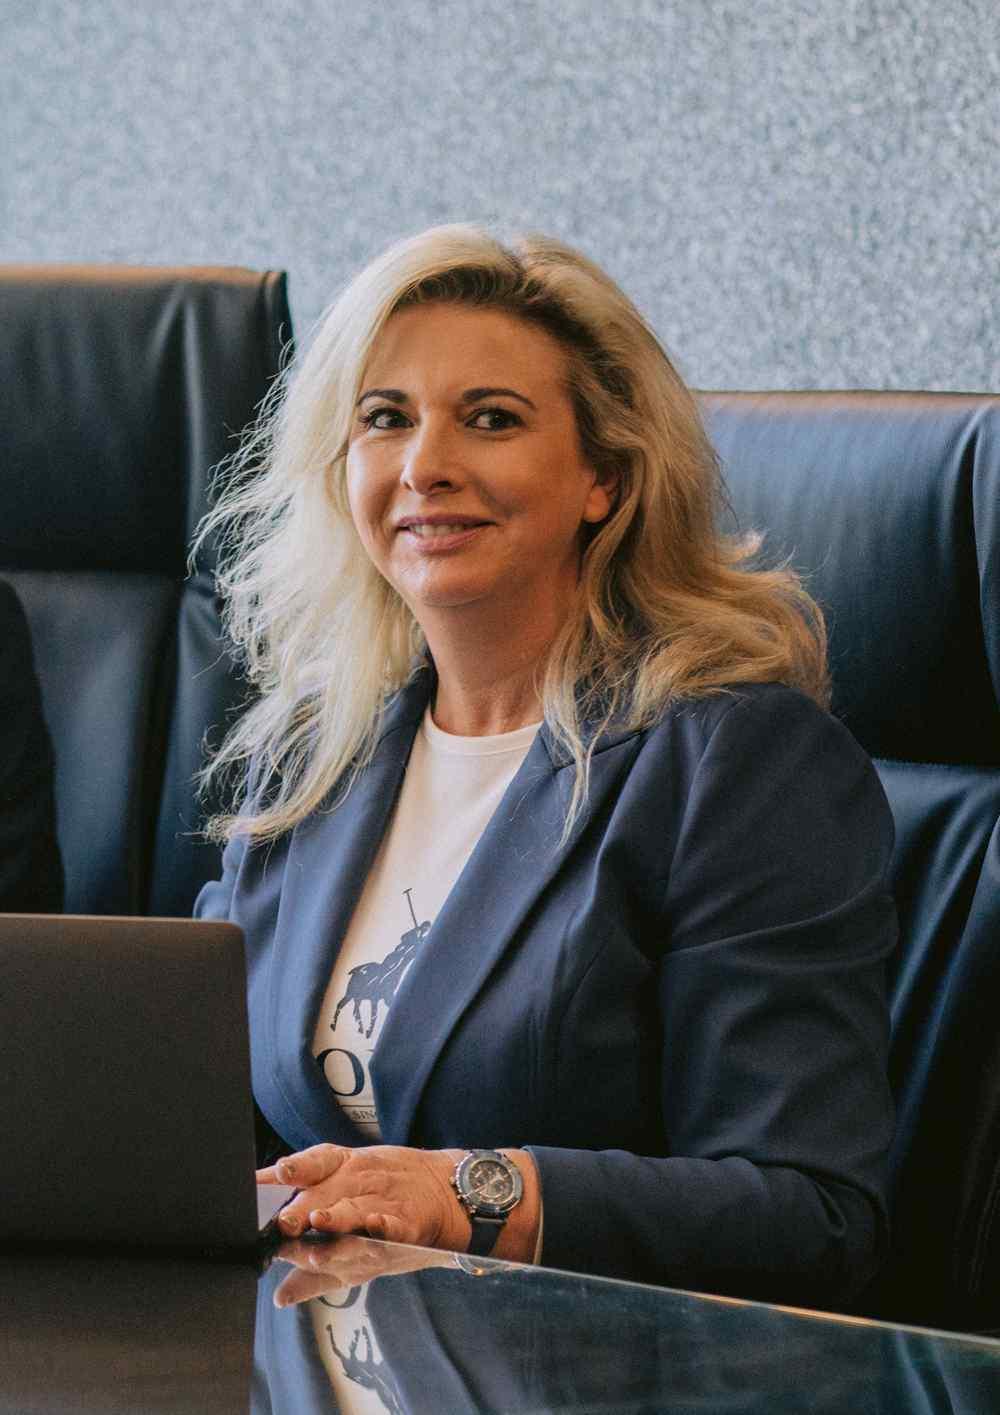 Sonette Van Loggerenberg Profile